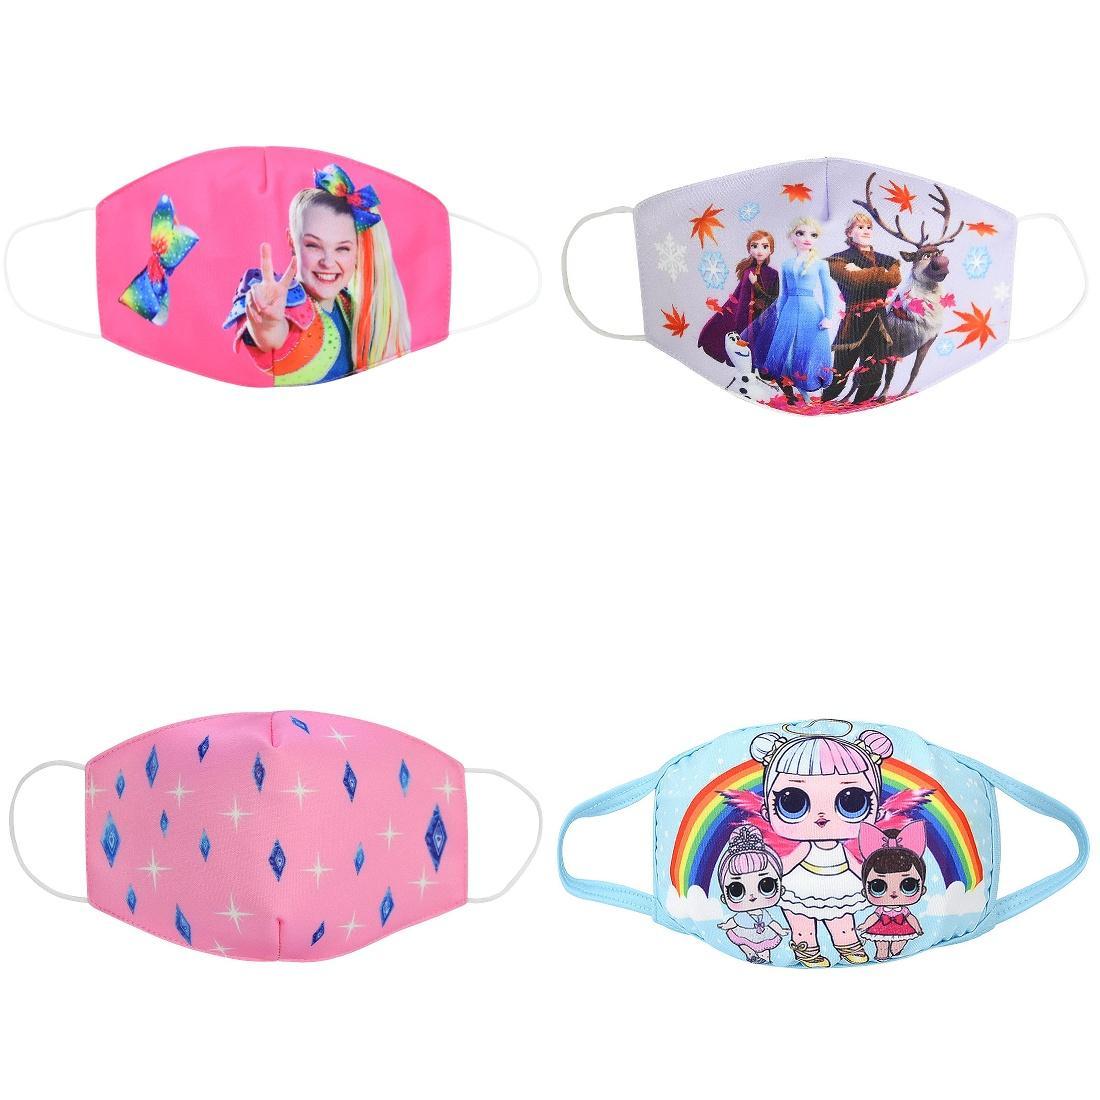 Facee Детская маска для лица маски Cubrebocas Tapabocas ткань Face Симпатичные маски пыли Дети Детские Cartoon Теплый Pur хлопок двойной Dust маска sweet7